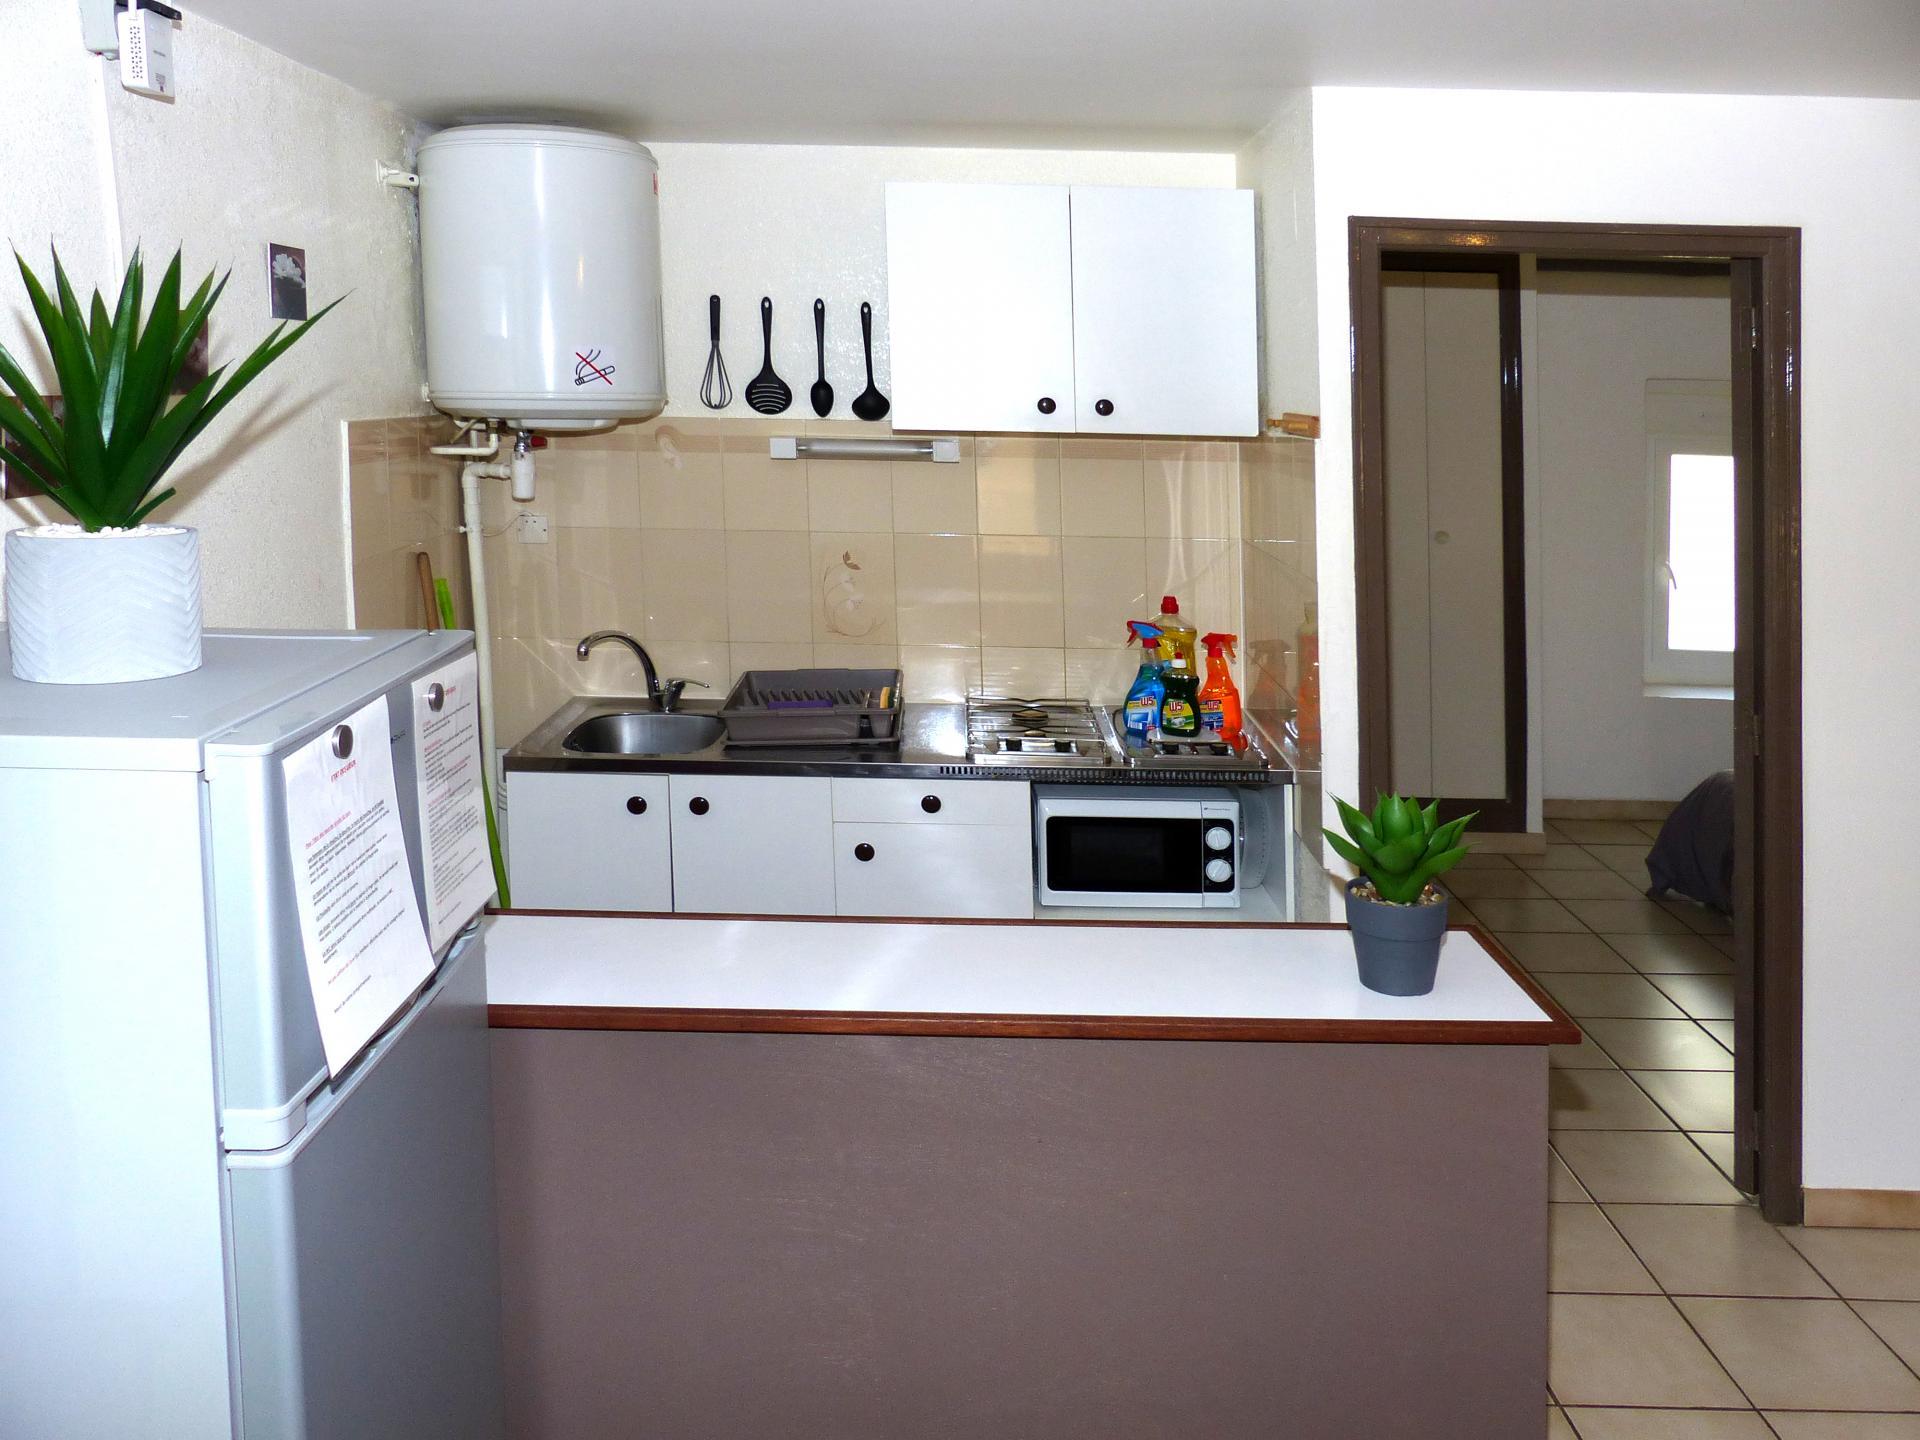 Cuisine appartement 1 chambre